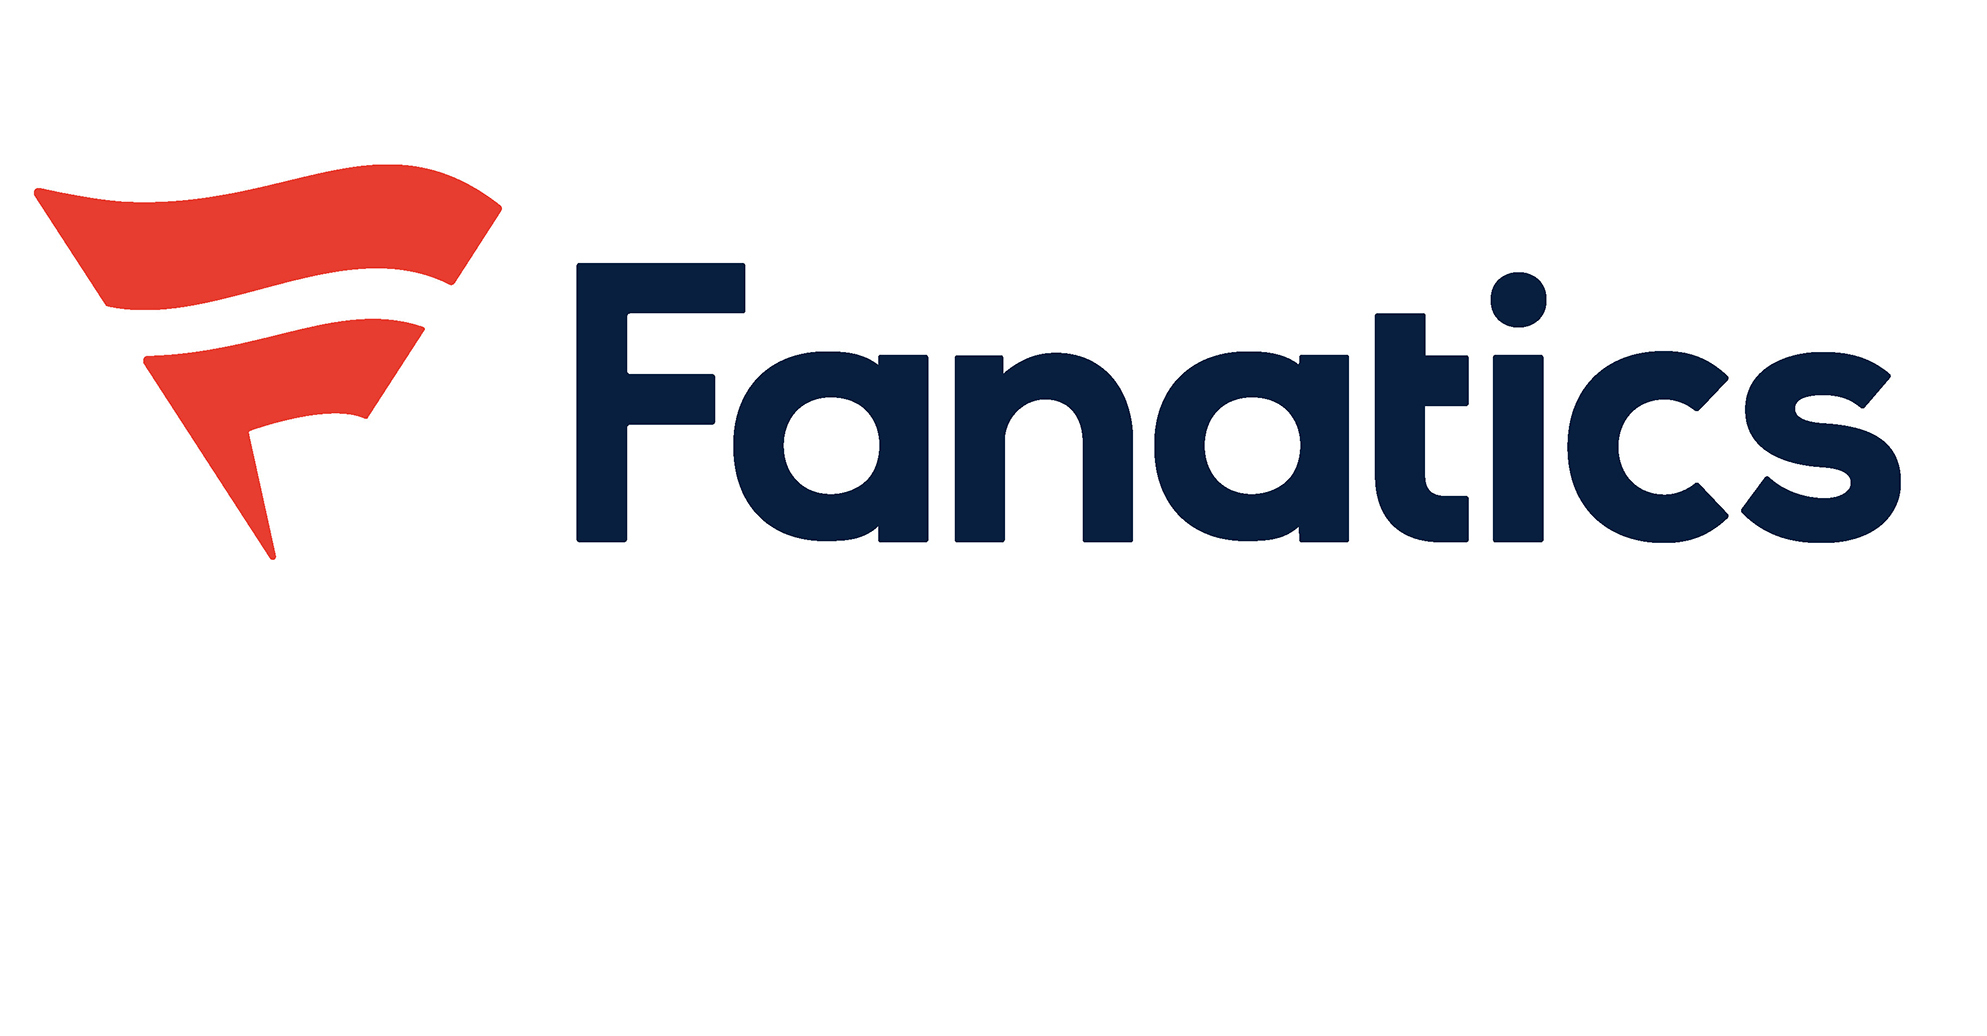 Fanatics Coupon Code 2021